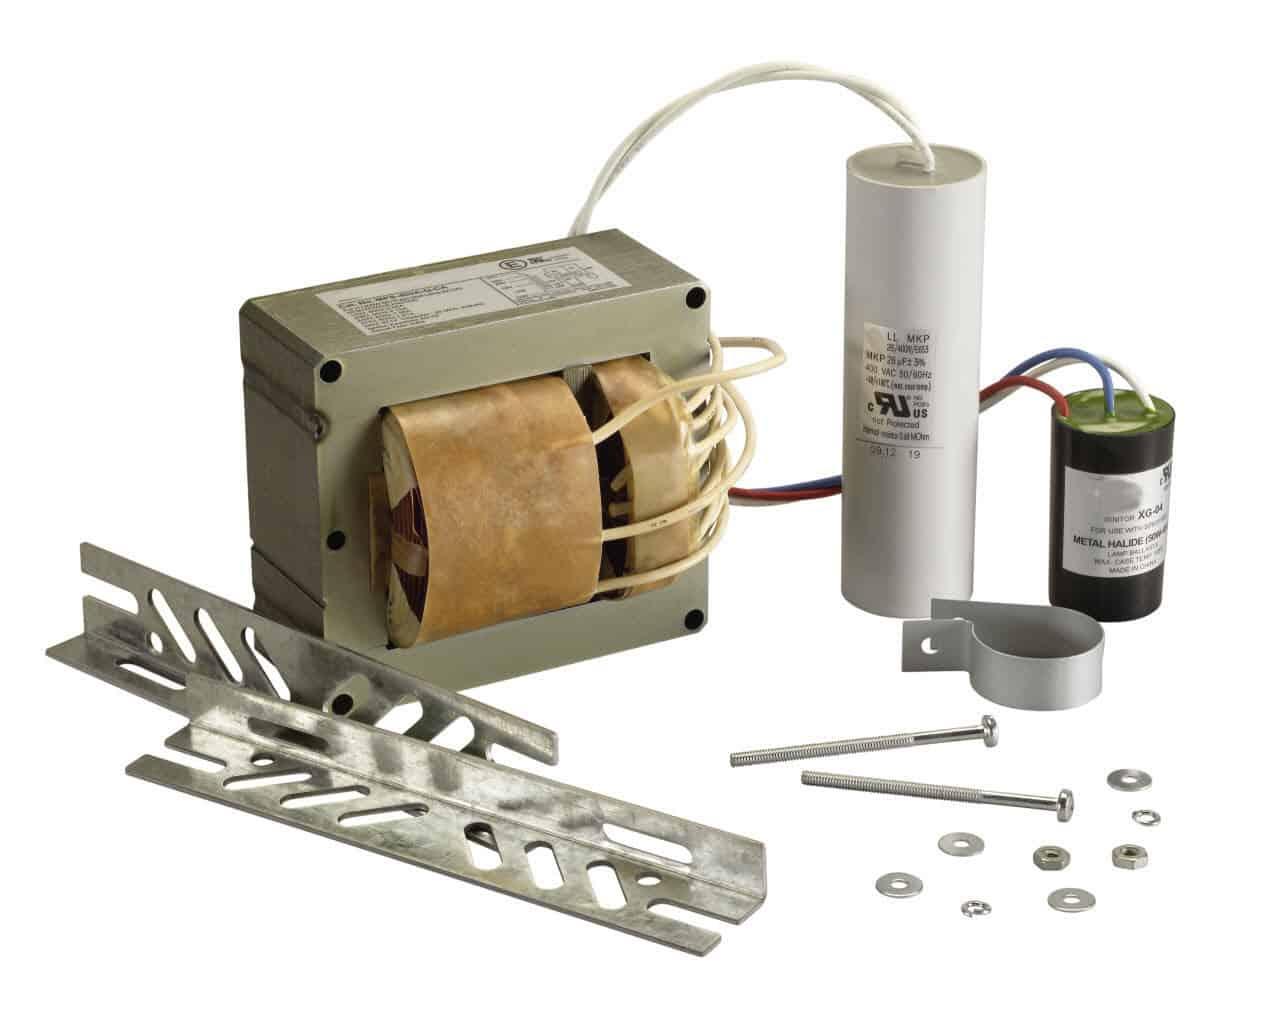 100 Watt Mercury Vapor Ballast With Ul